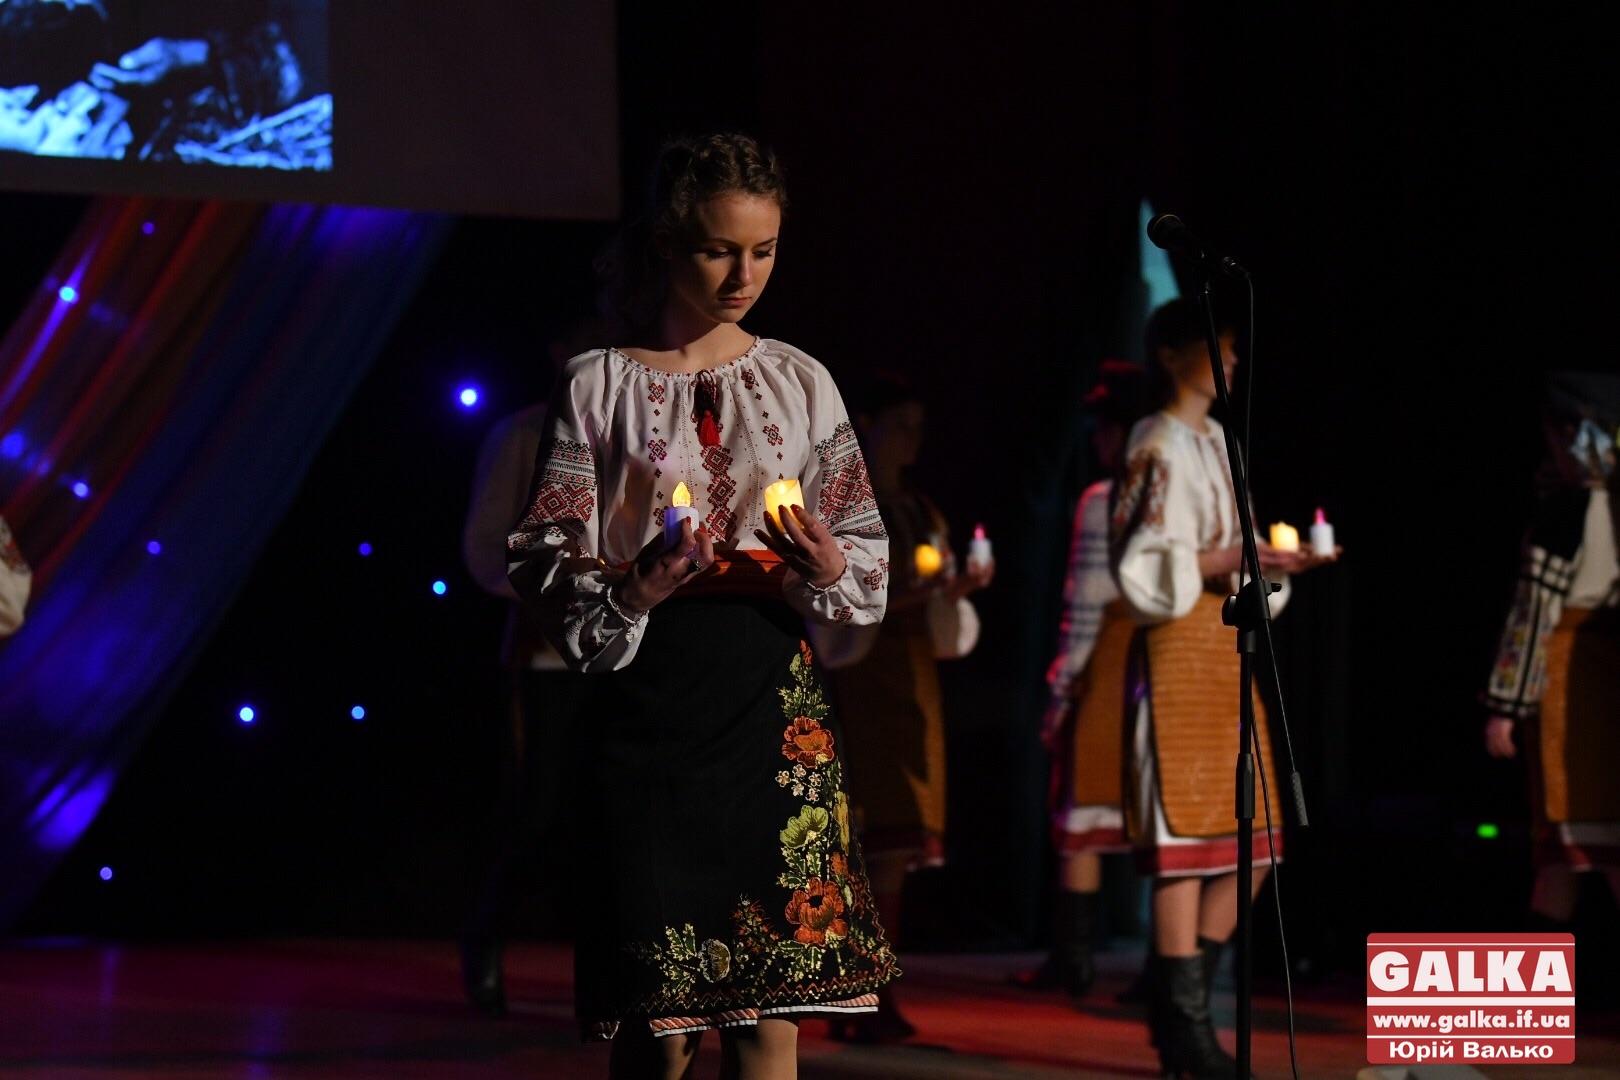 Студенти-медики влаштували музично-поетичний вечір, присвячений Героям Небесної Сотні (ФОТО)